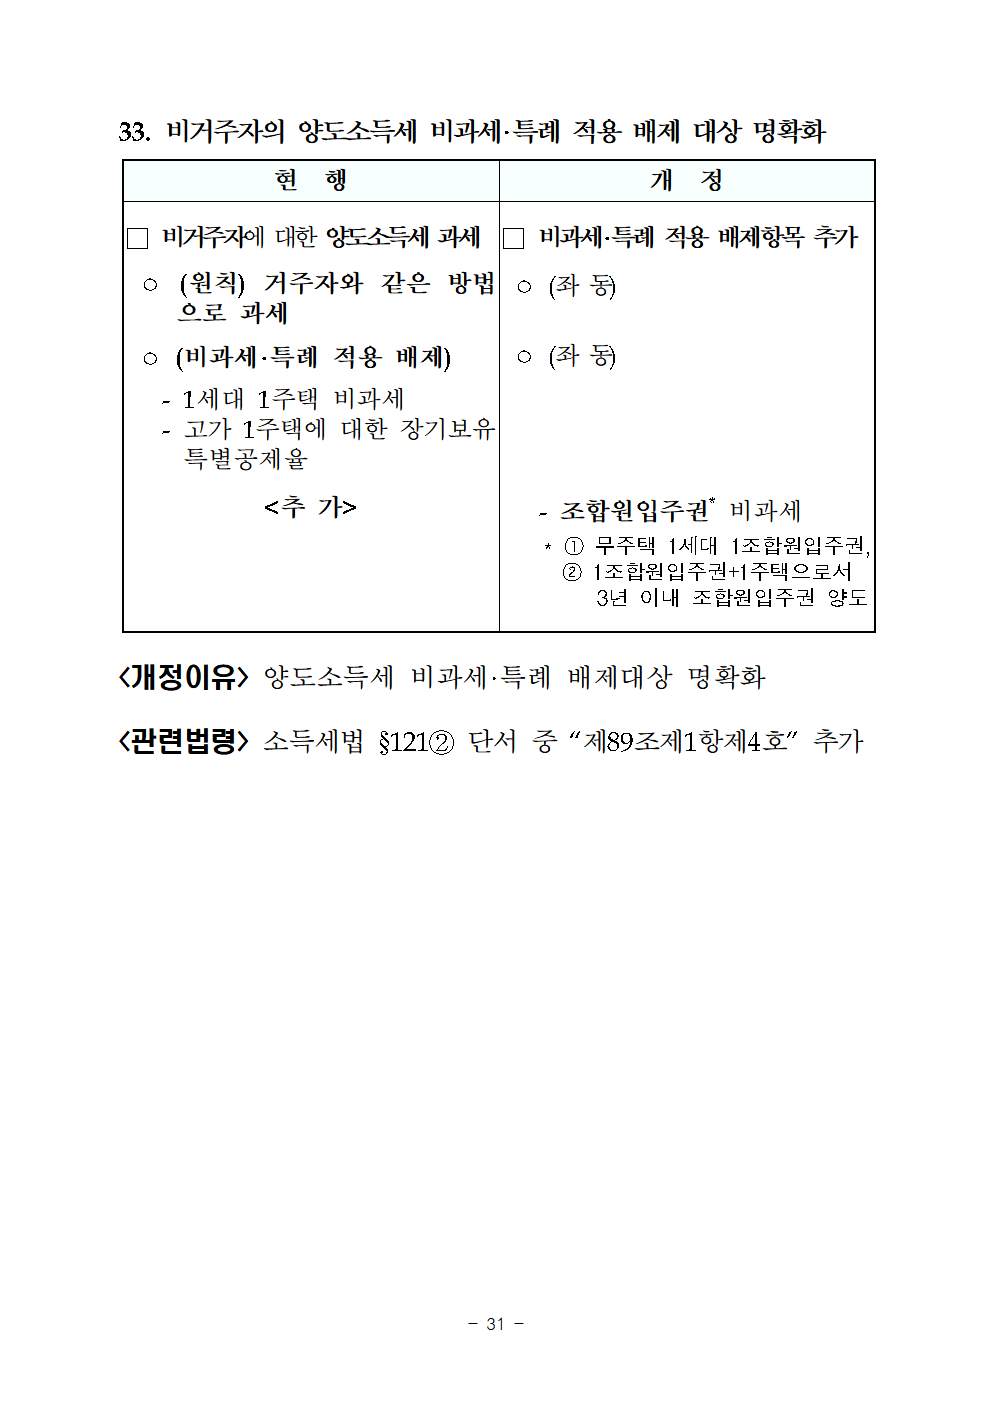 2019년세법개정내용(양도소득세분야)036.png